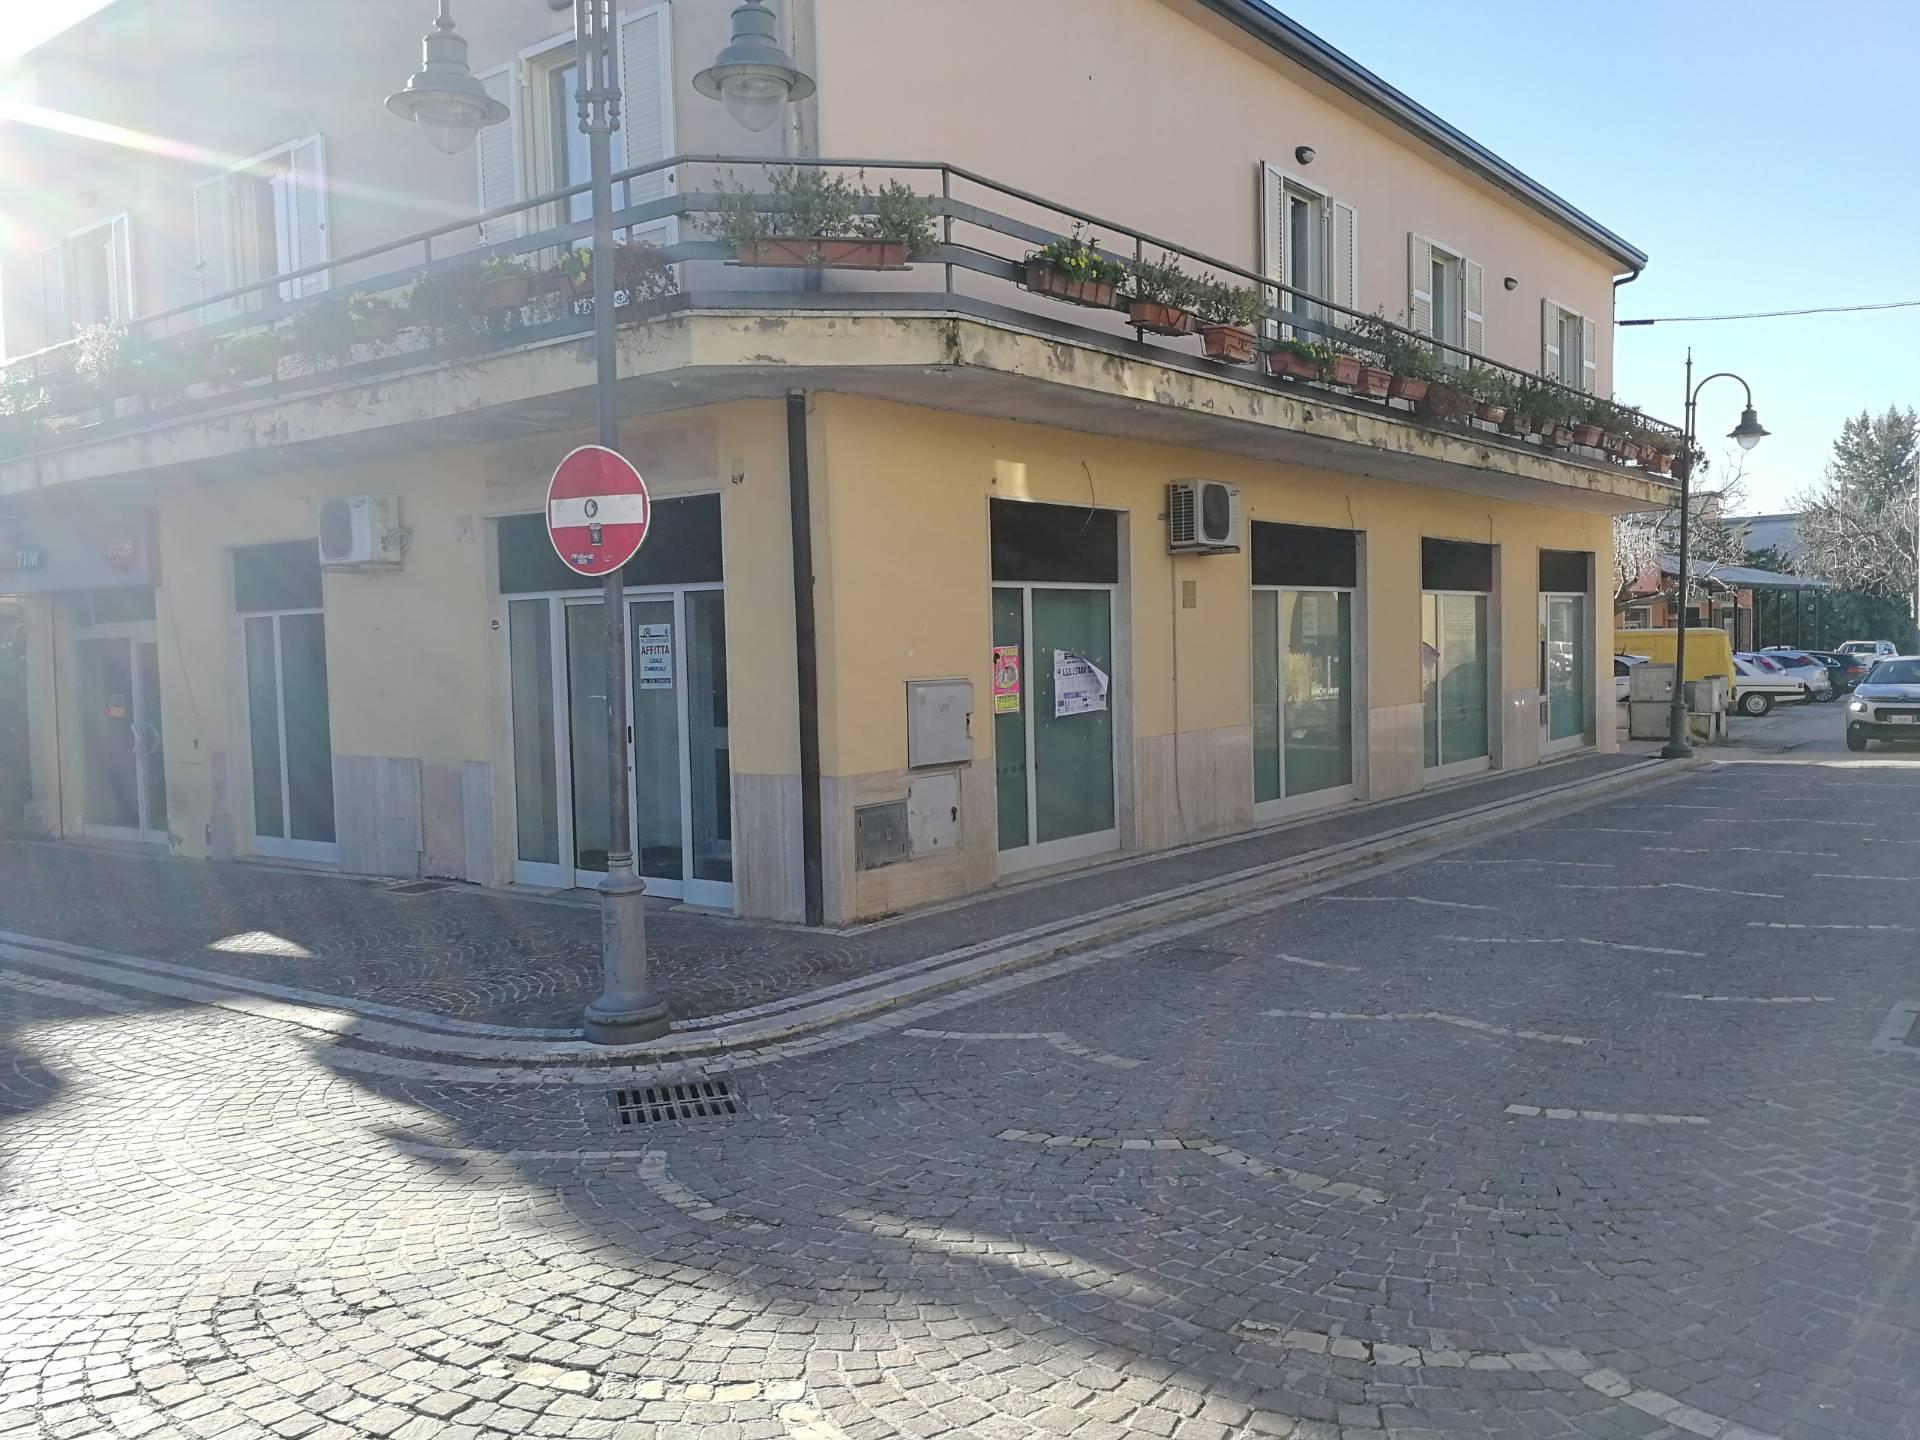 Negozio / Locale in affitto a Alatri, 9999 locali, prezzo € 1.100 | CambioCasa.it